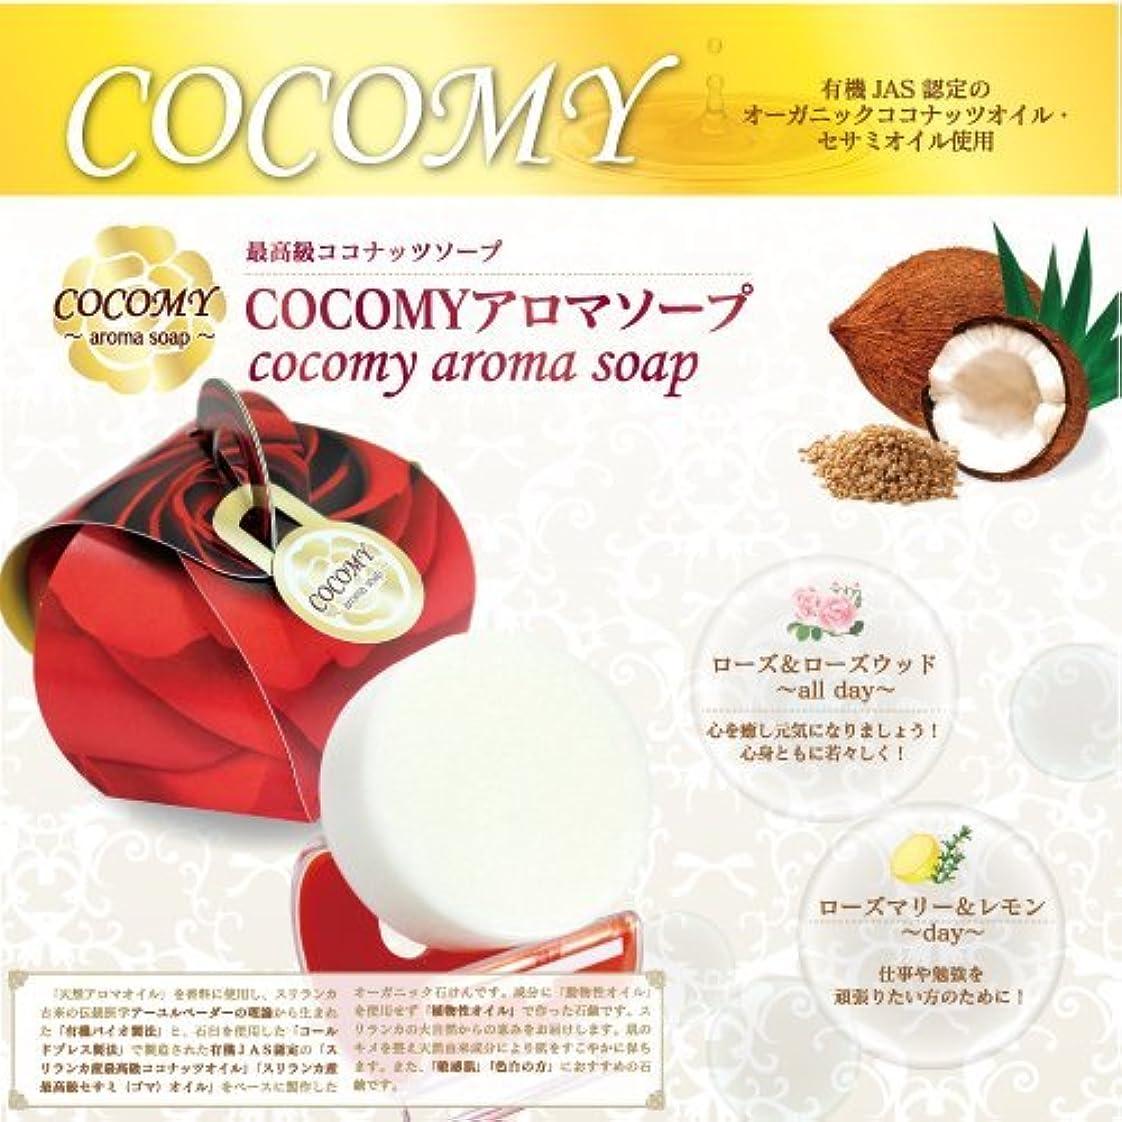 落ち着かない規制舞い上がるCOCOMY aromaソープ 2個セット (ローズマリー&レモン)(ローズ&ローズウッド) 40g×各1